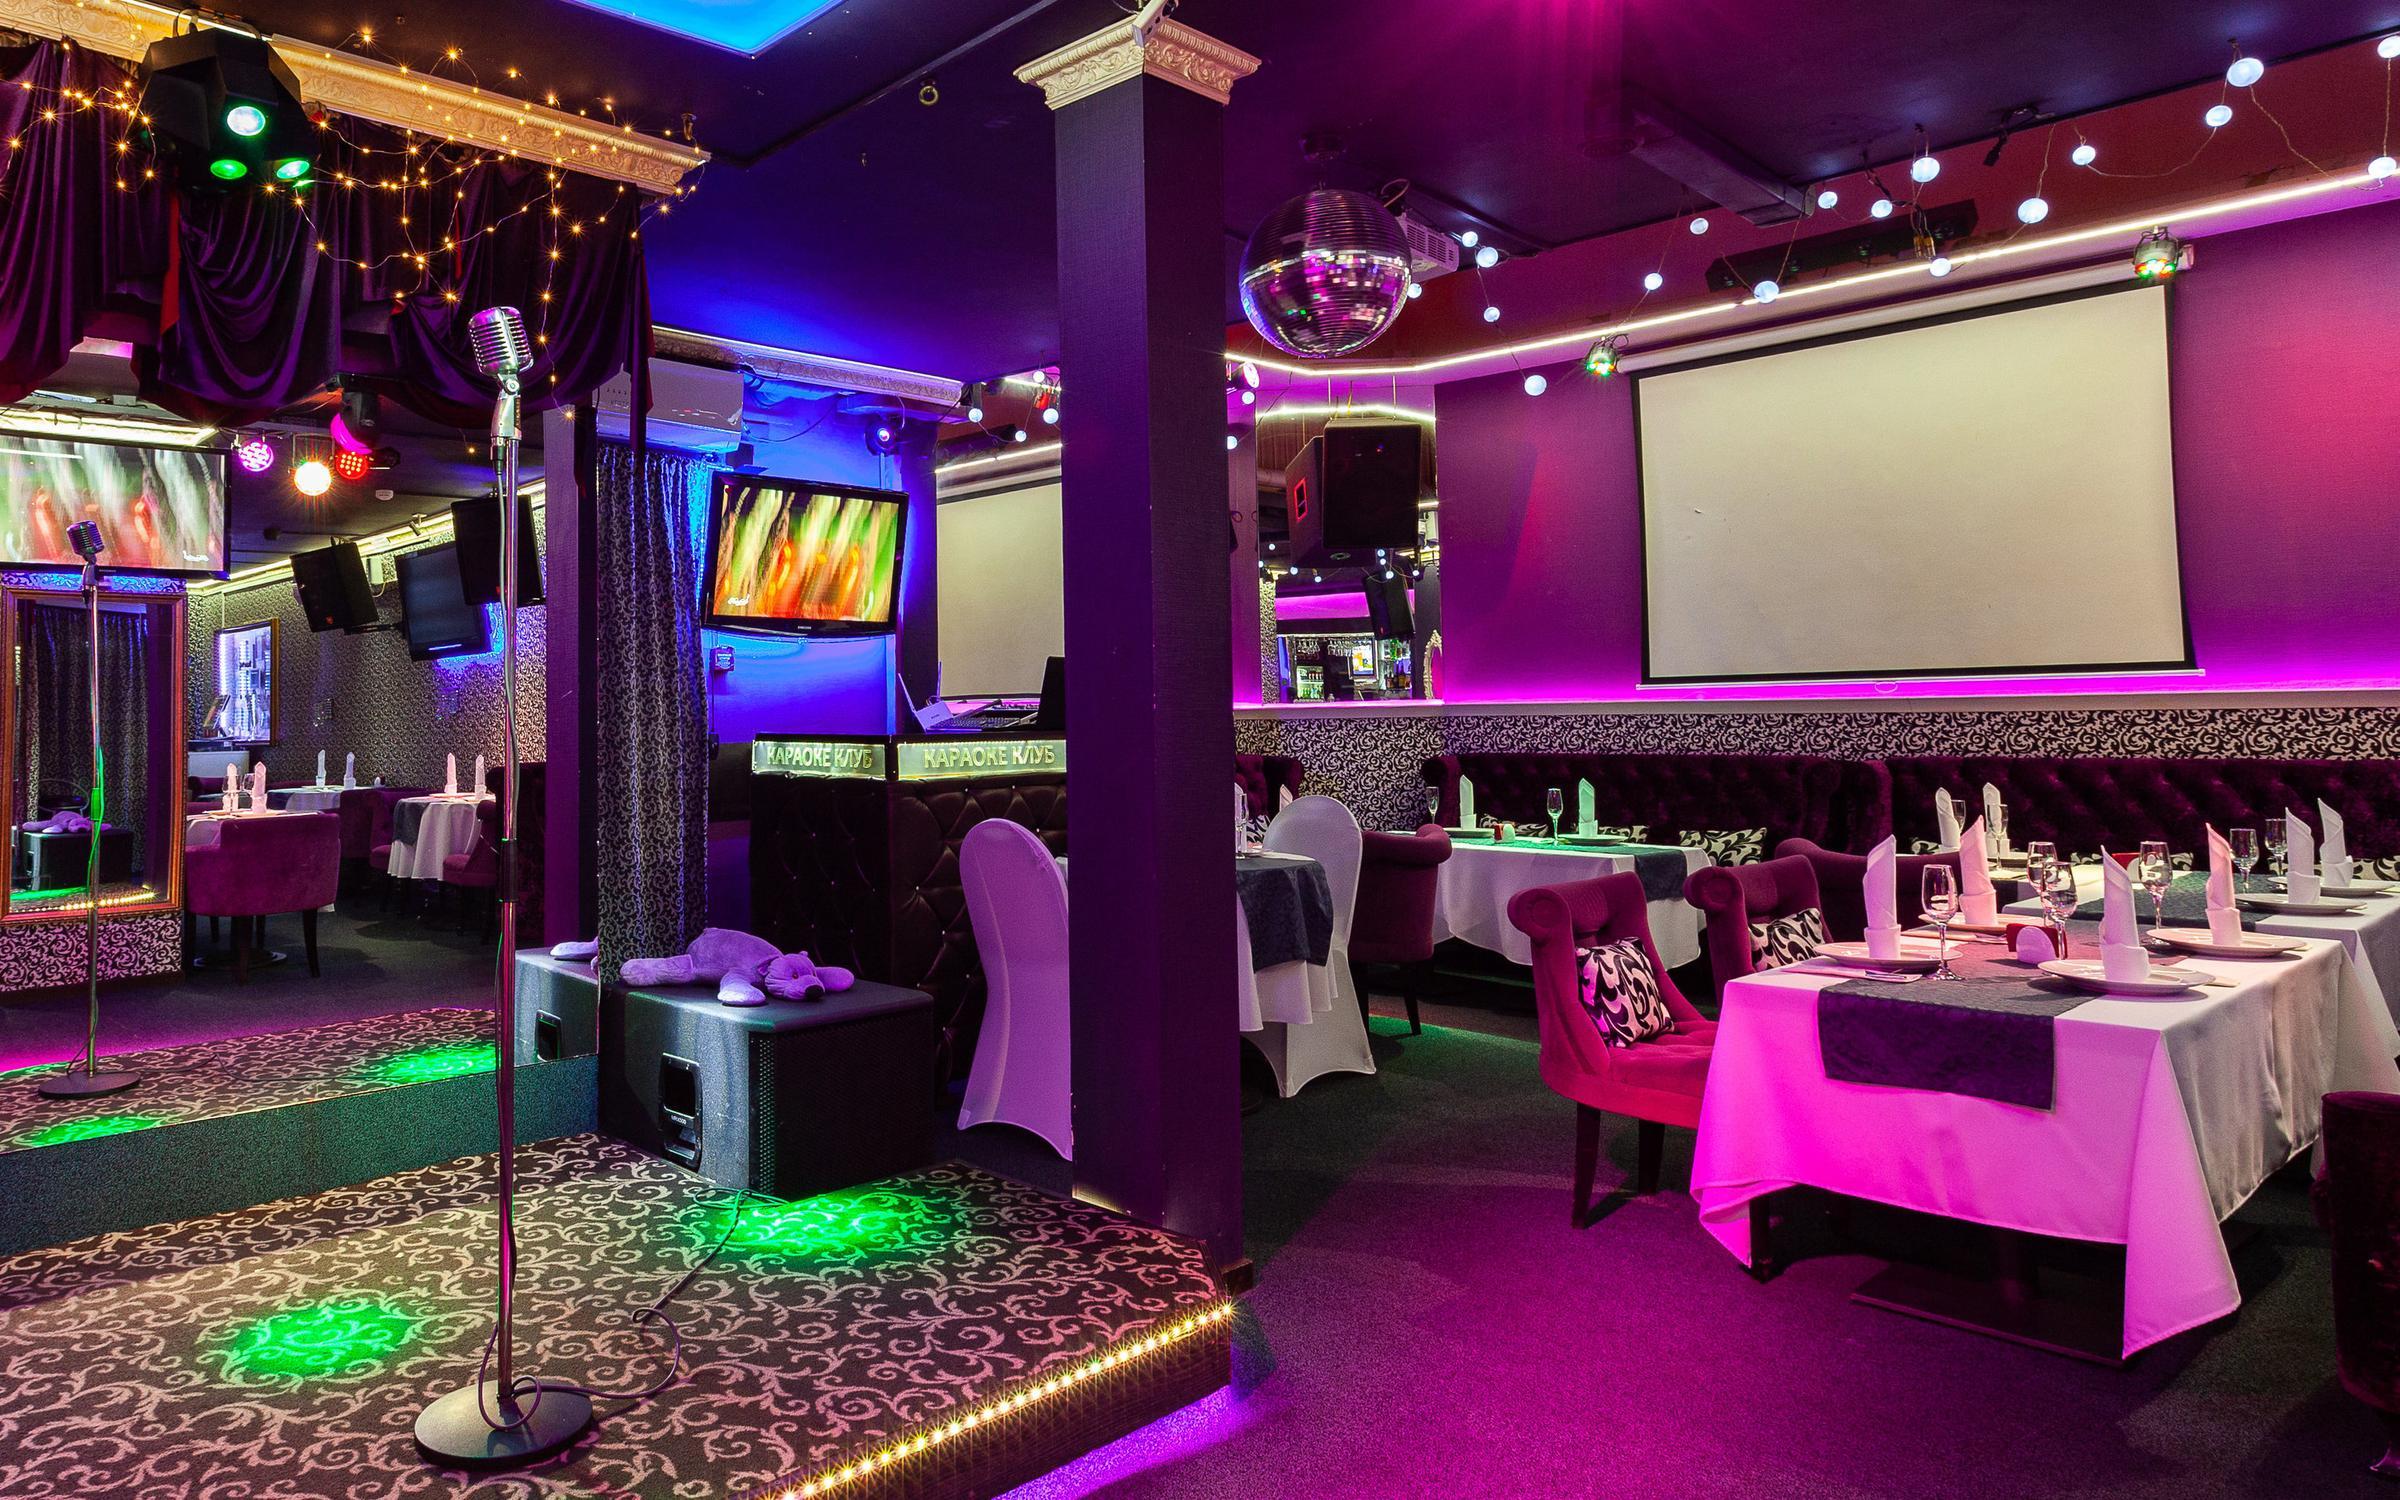 Клуб караоке ресторан москва смотреть секс в клубах москвы